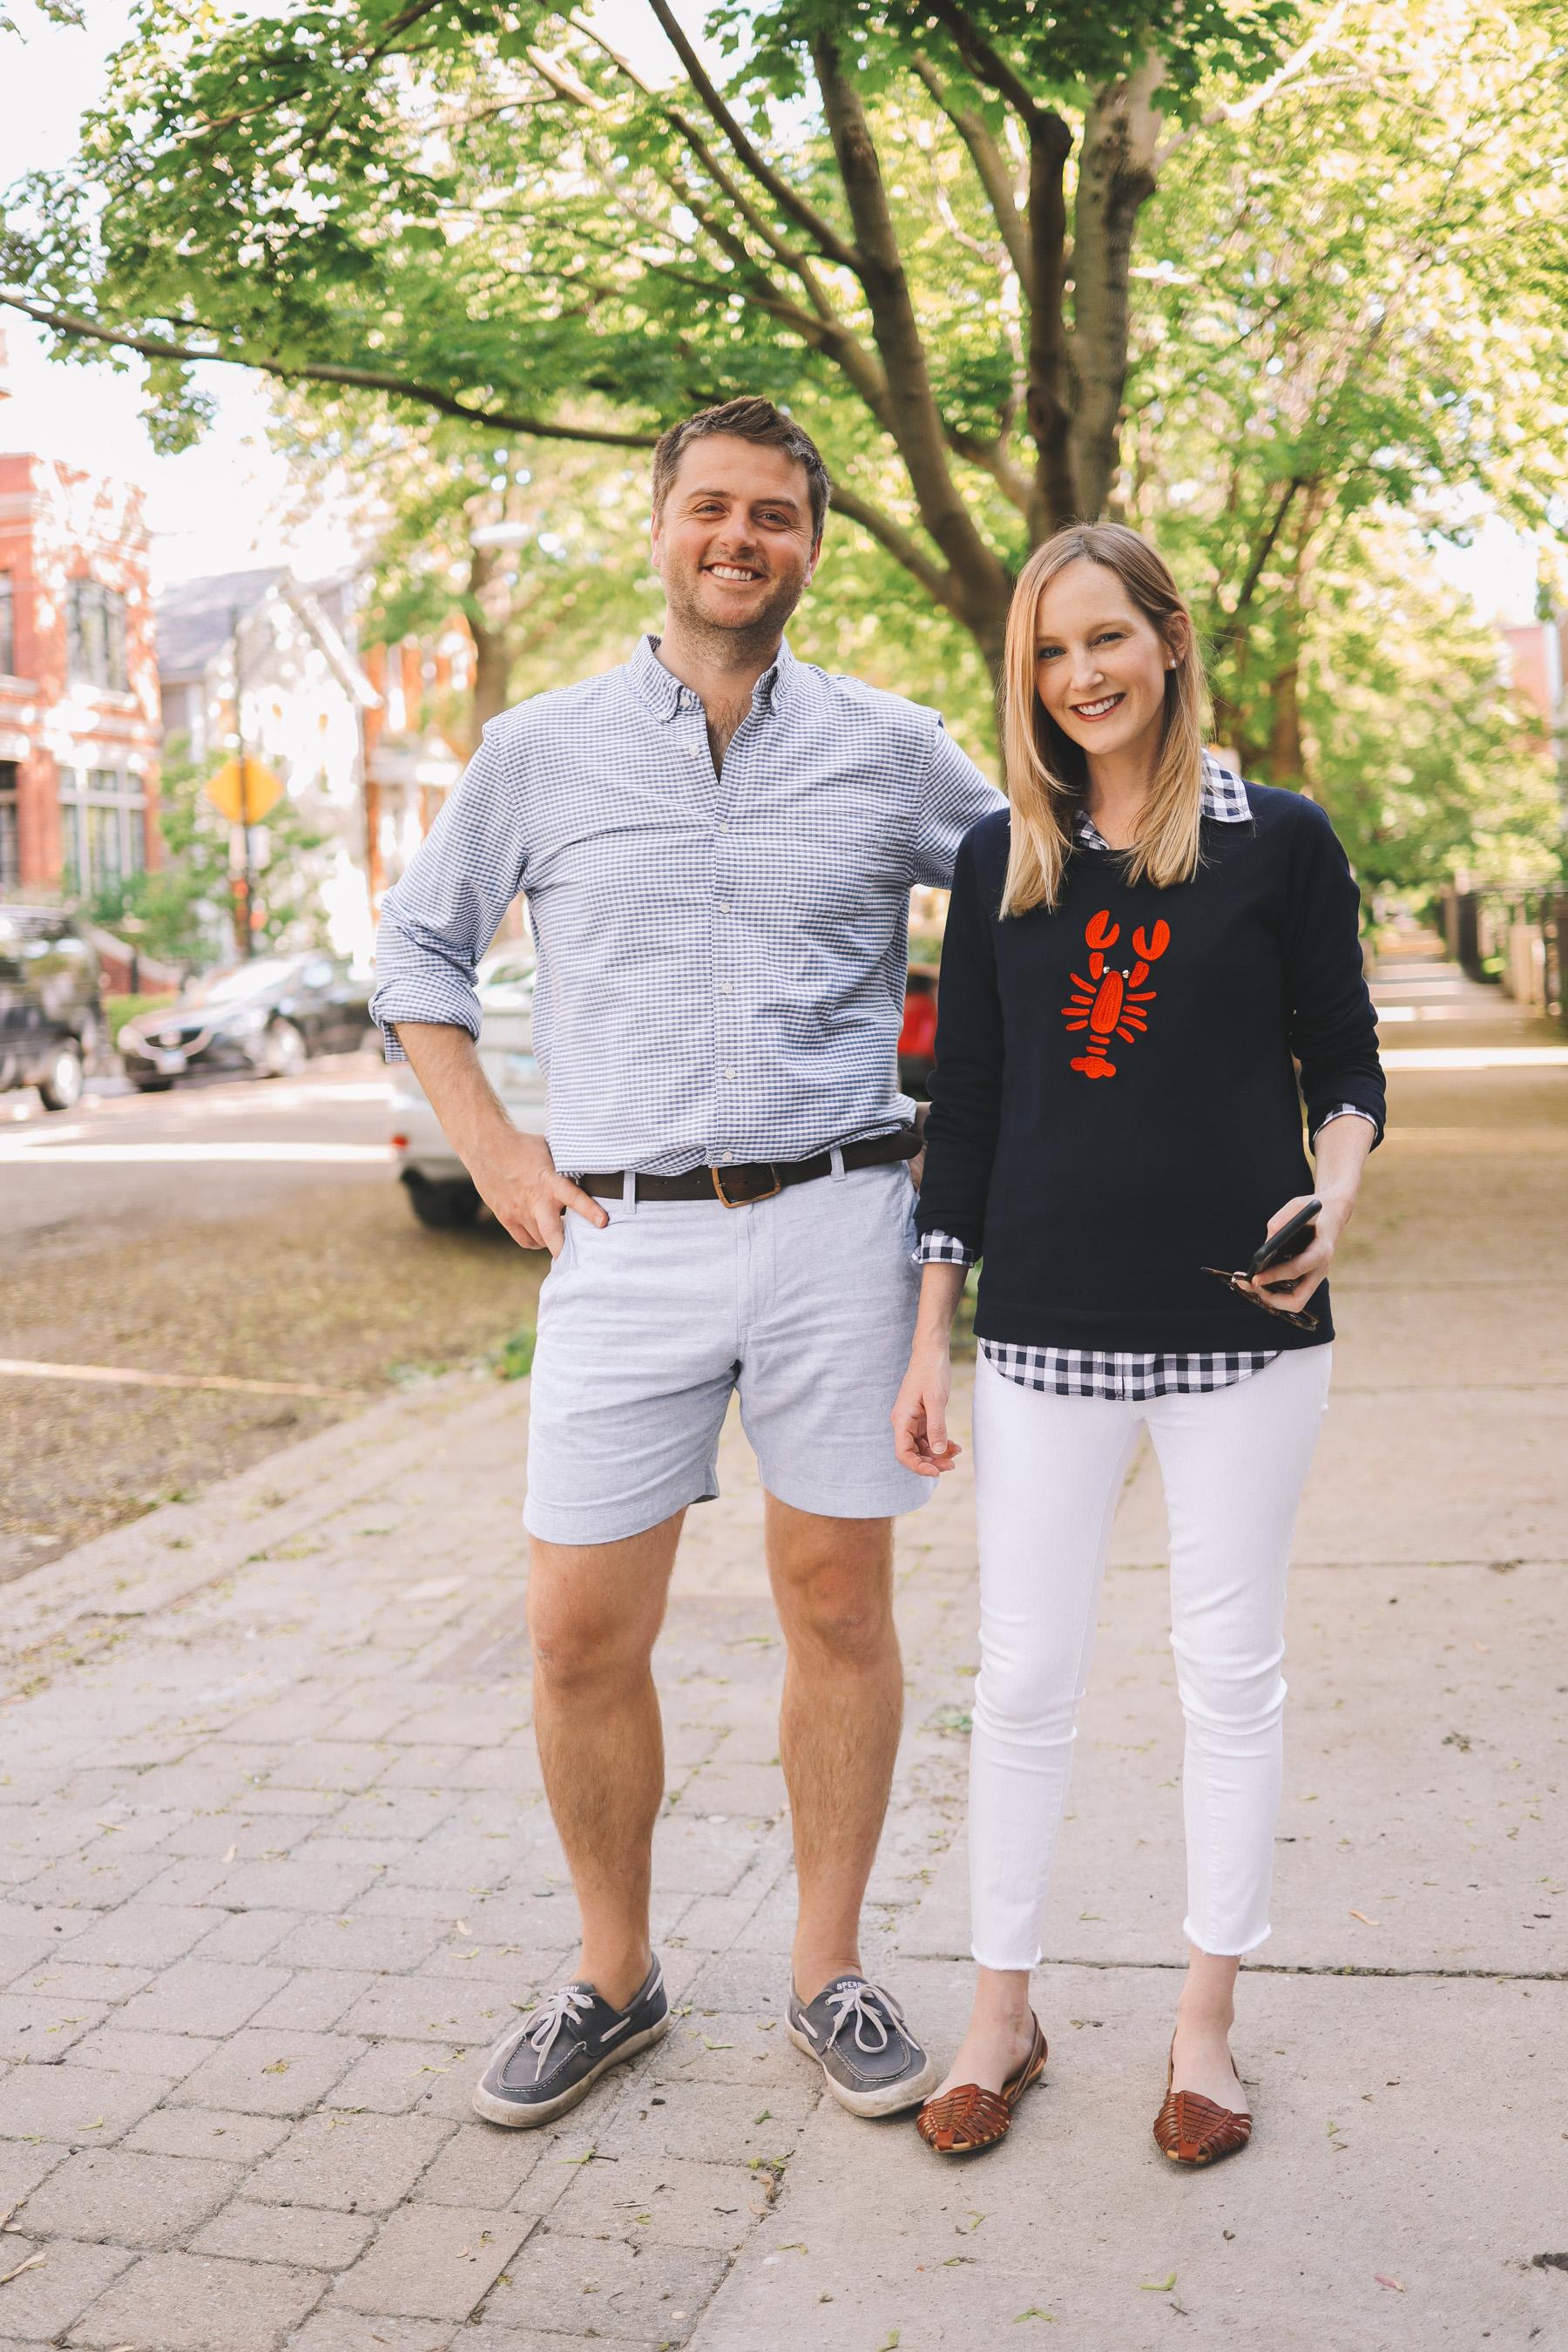 Kelly Larkin and Mitch Larkin in Chicago